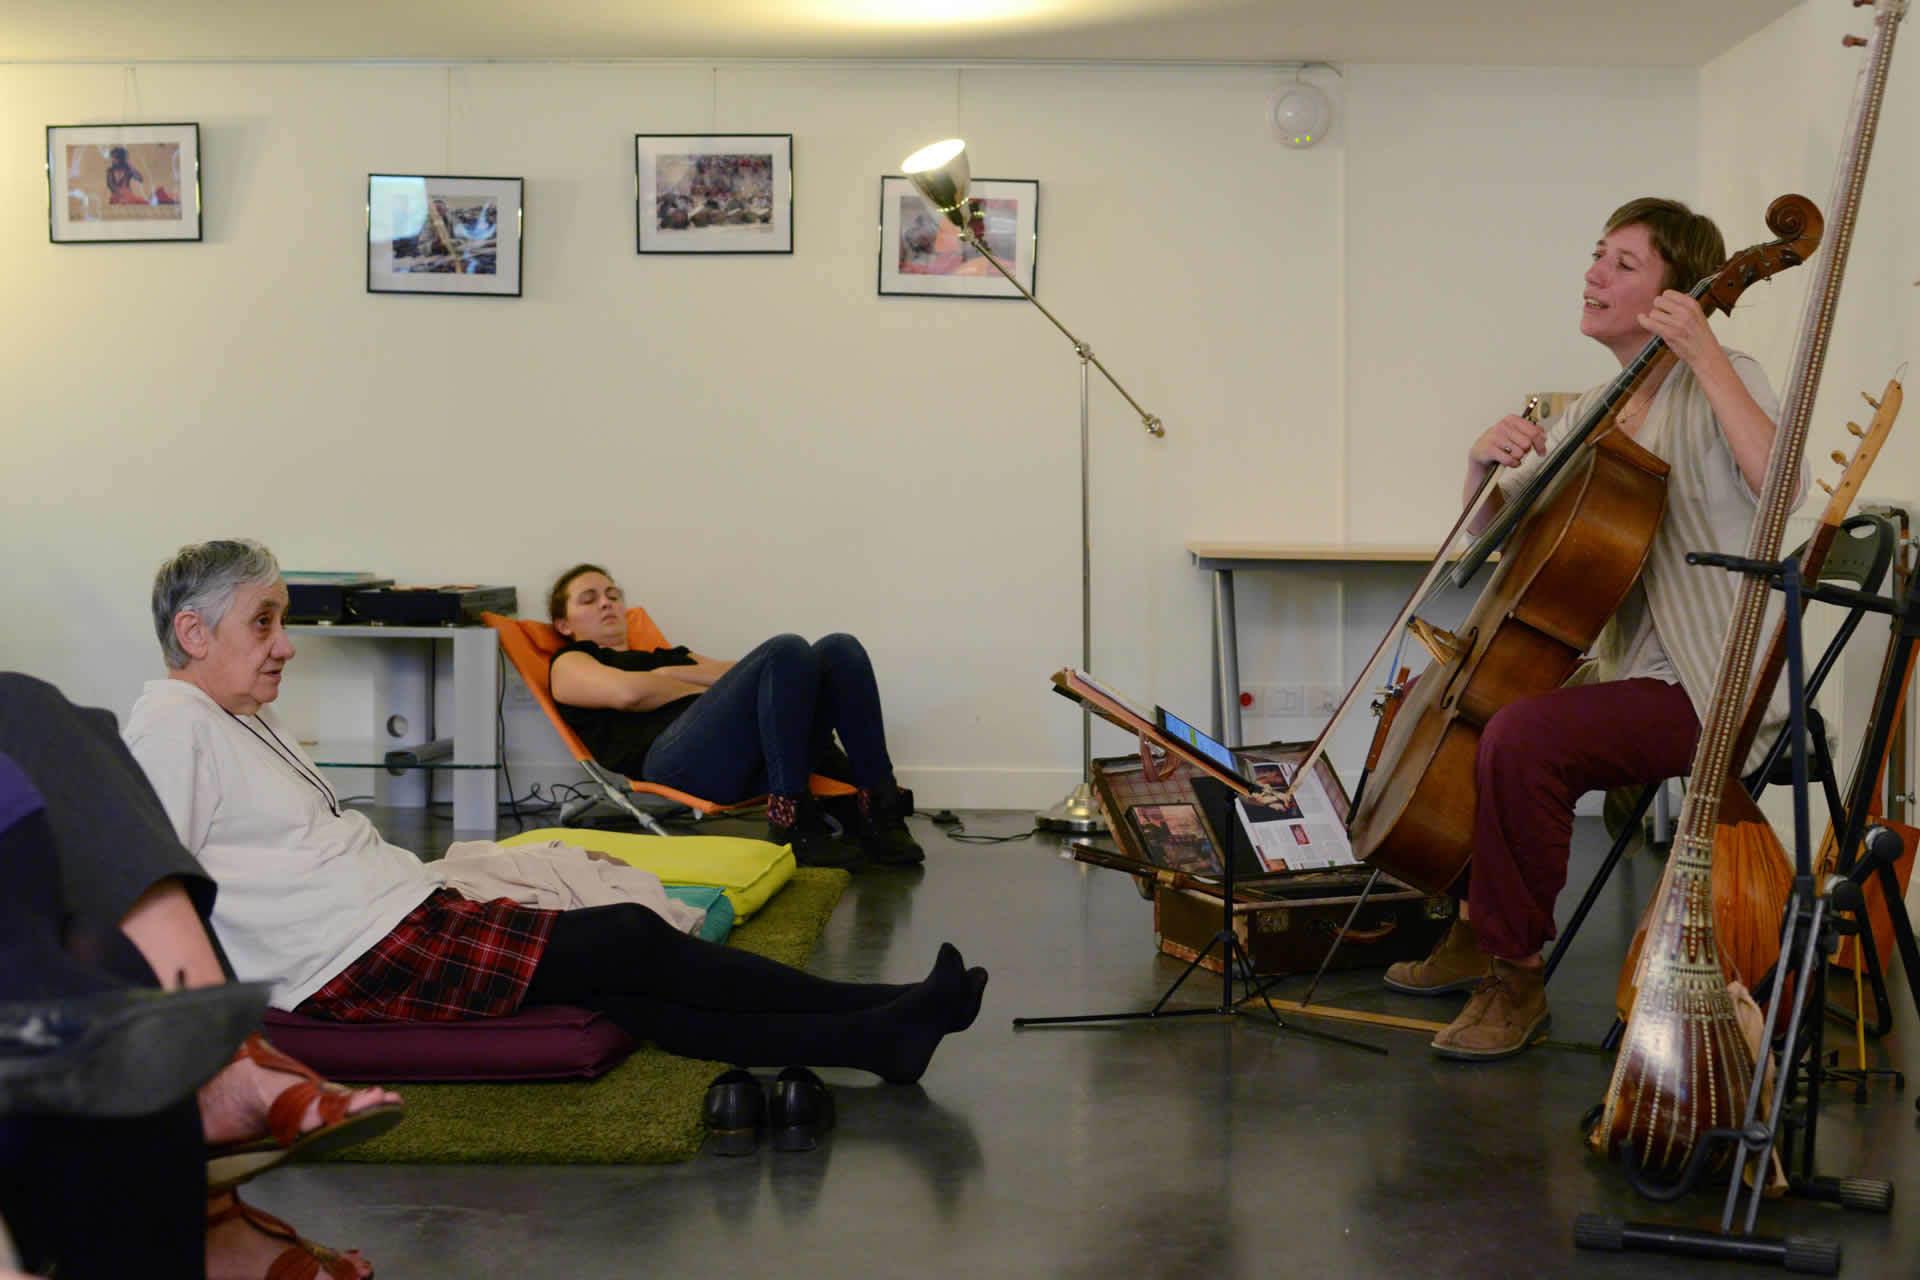 Les Rencontres de la Cabane « Gong's Symphonium, par Thierry Jardinier et Christian Delbos » (Annulé)